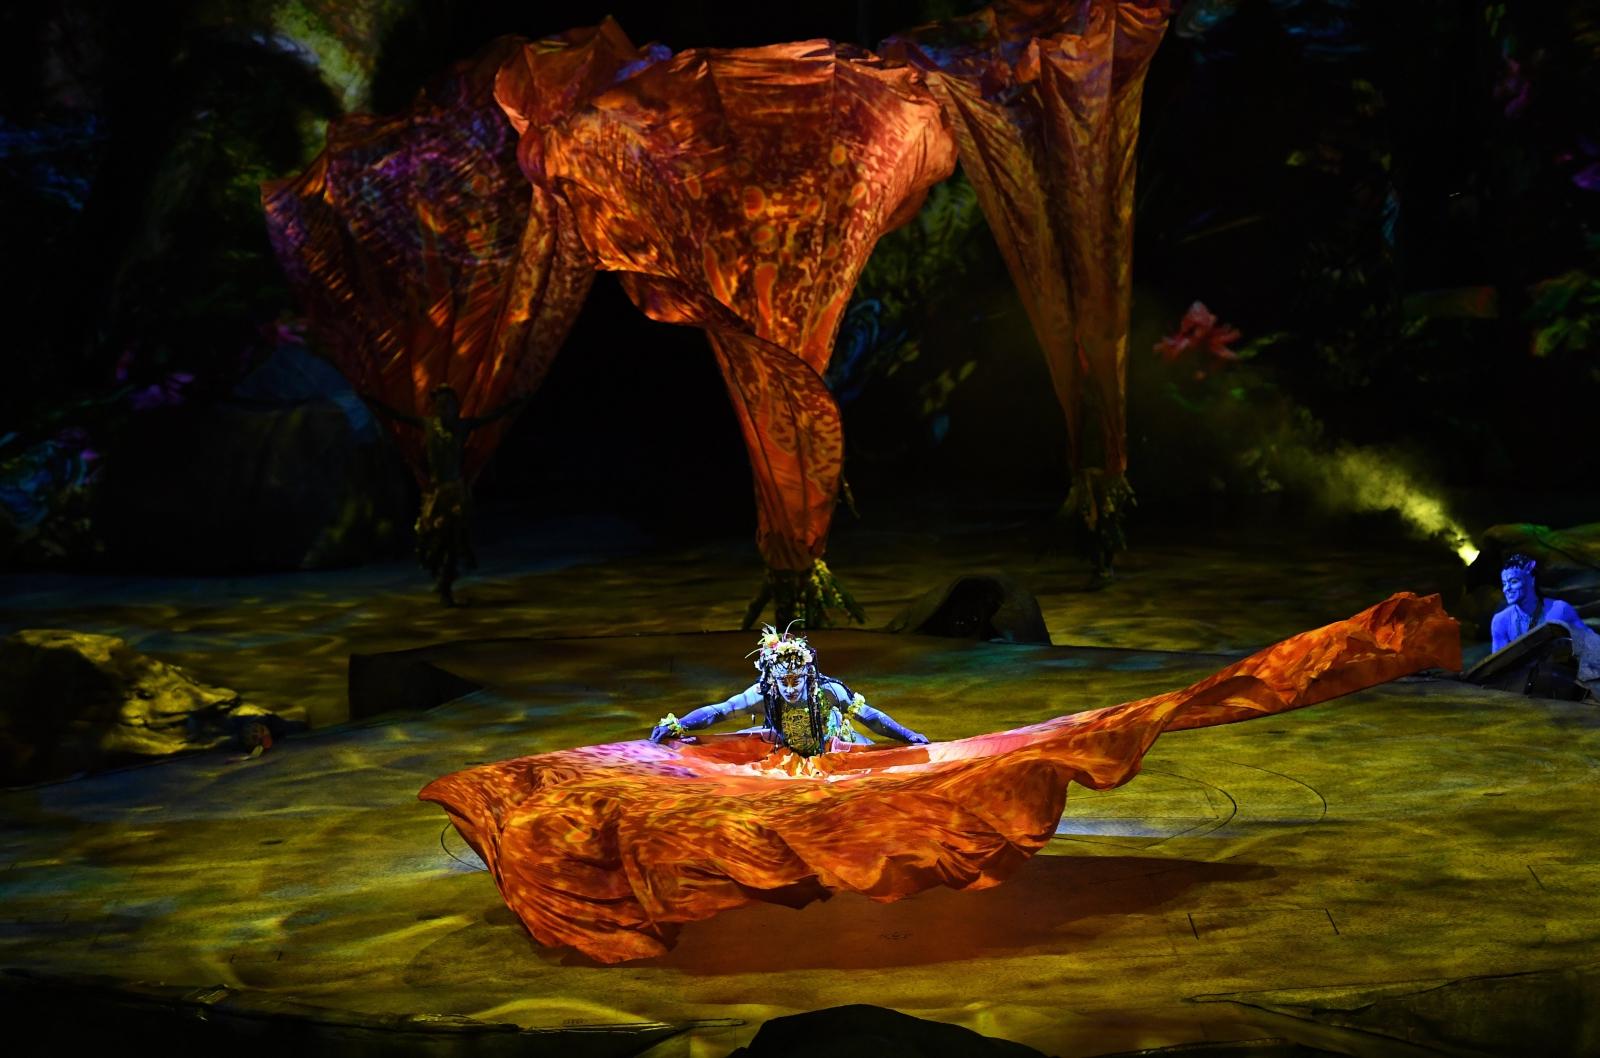 Artyści z Cirque du Soleil w czasie nowego przedstawienia w Brisbane, Australia.